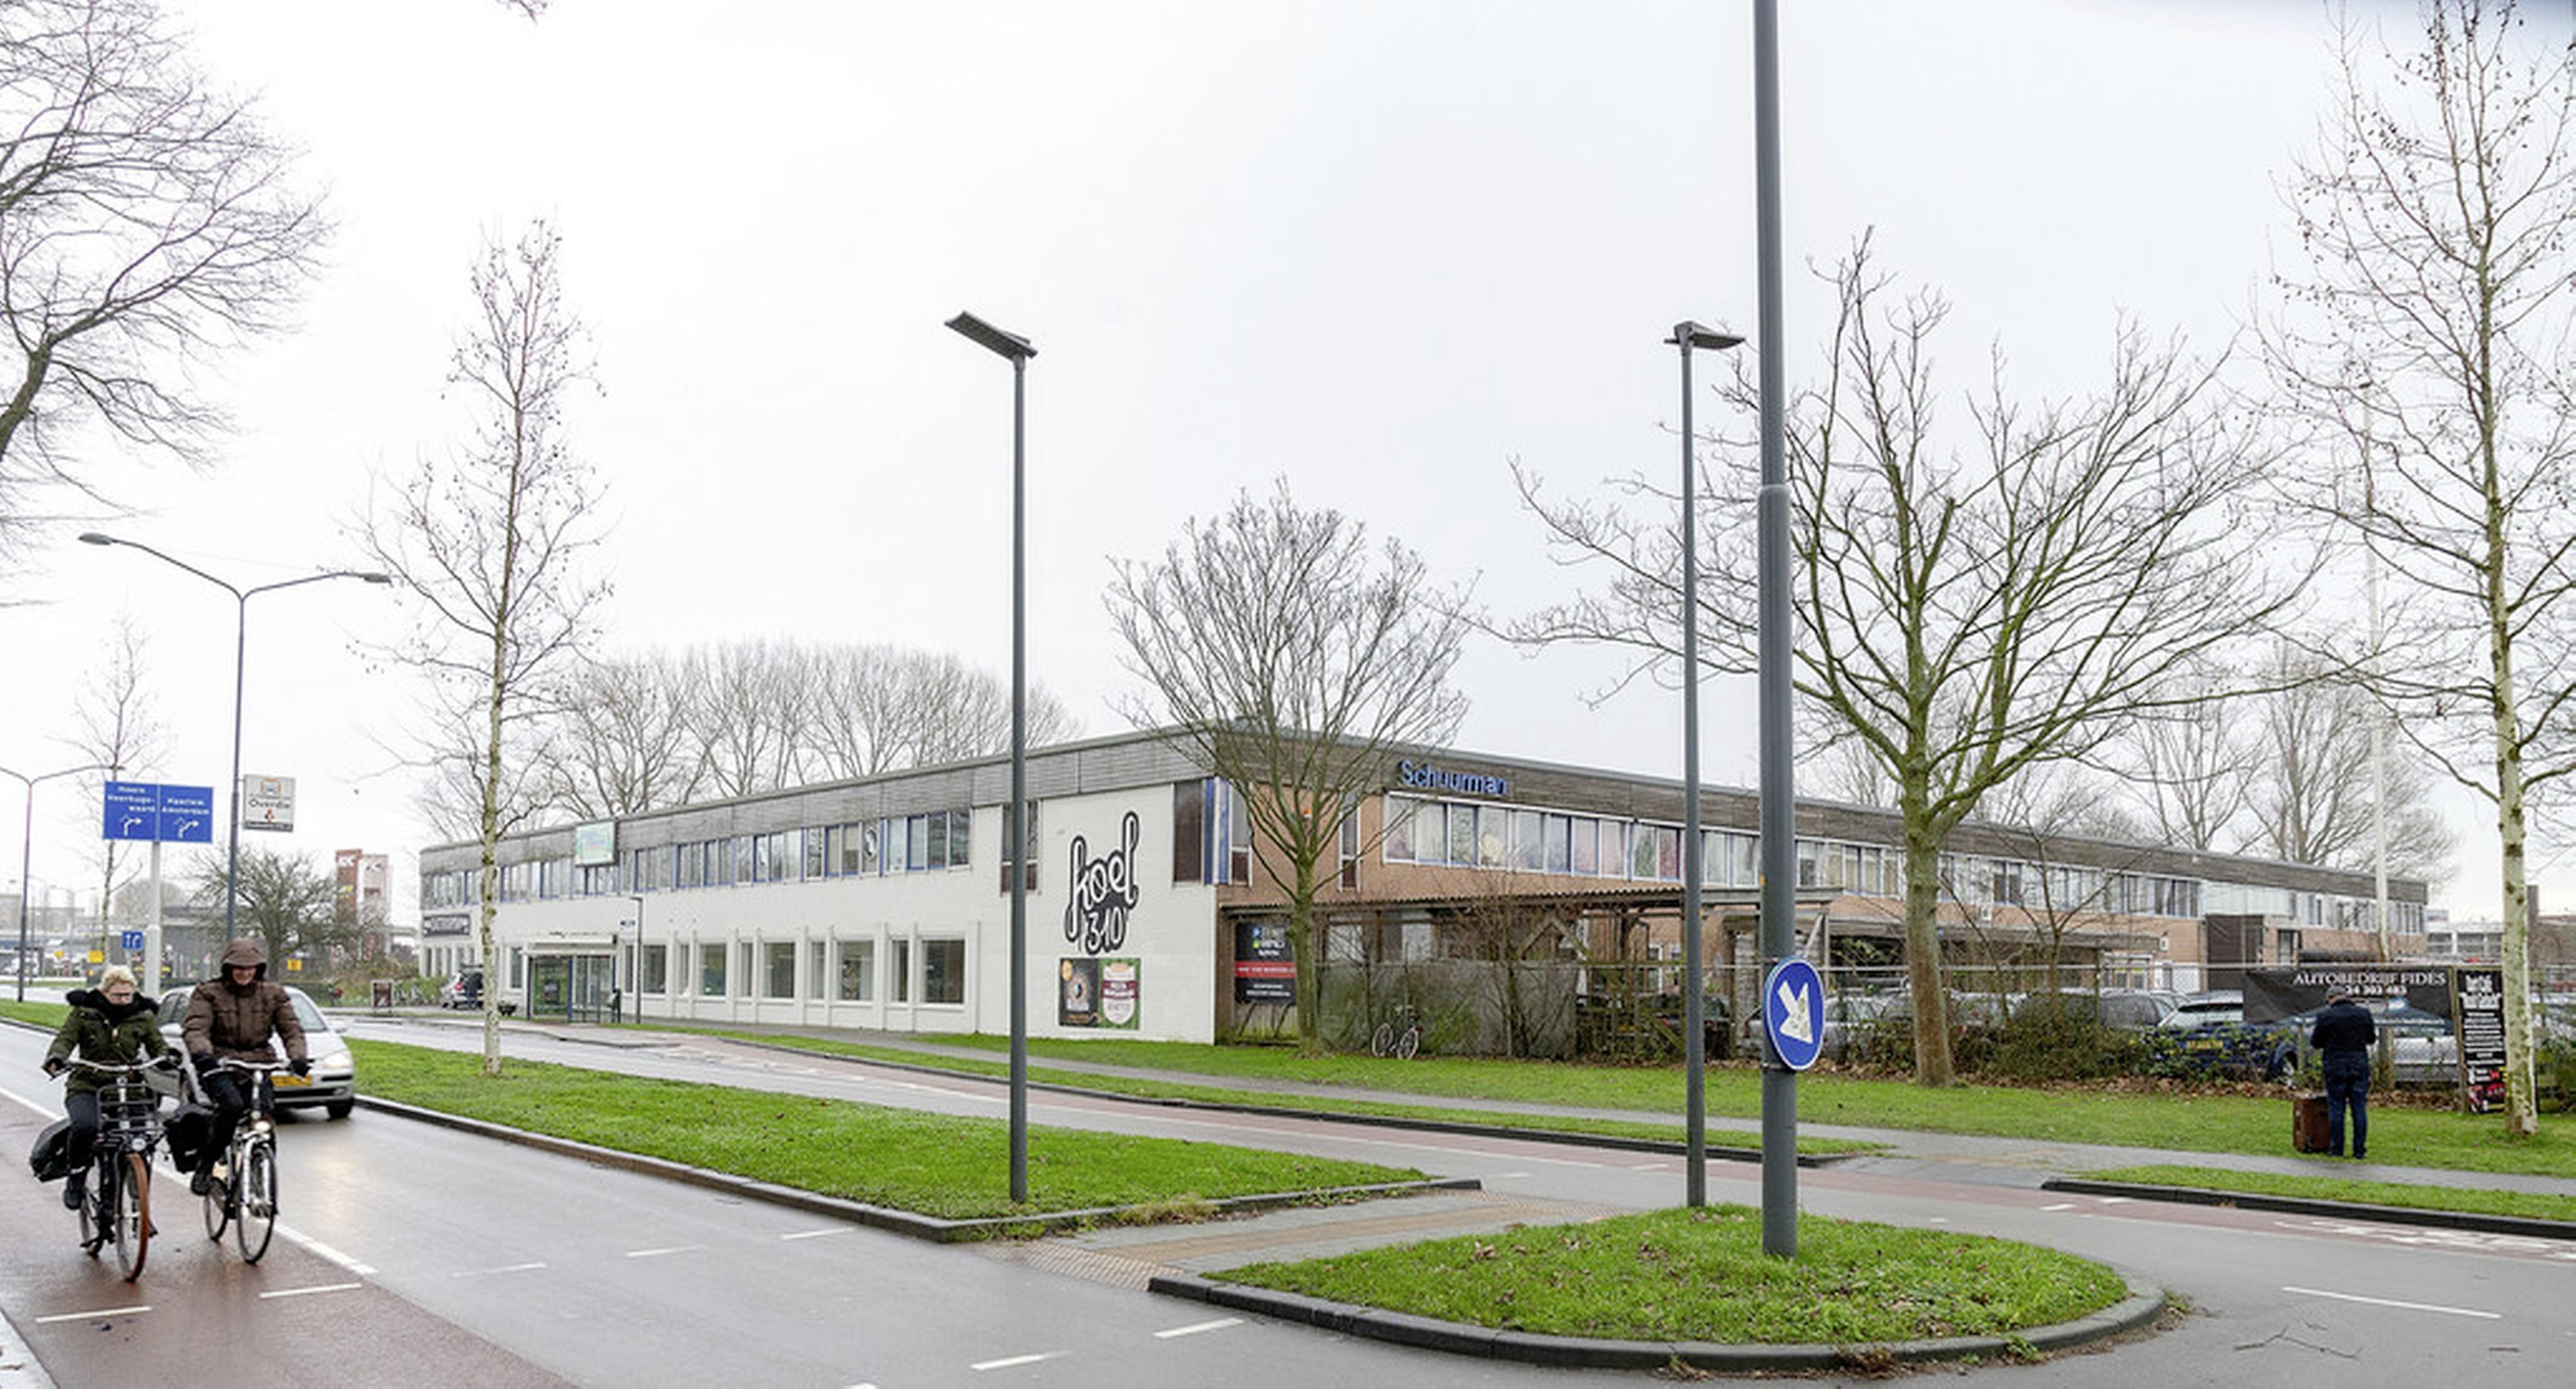 Snelle bouw van sociale woningen is belangrijker dan het welstandsadvies, vindt het college van Alkmaar. Dat negatieve advies moet dus worden genegeerd